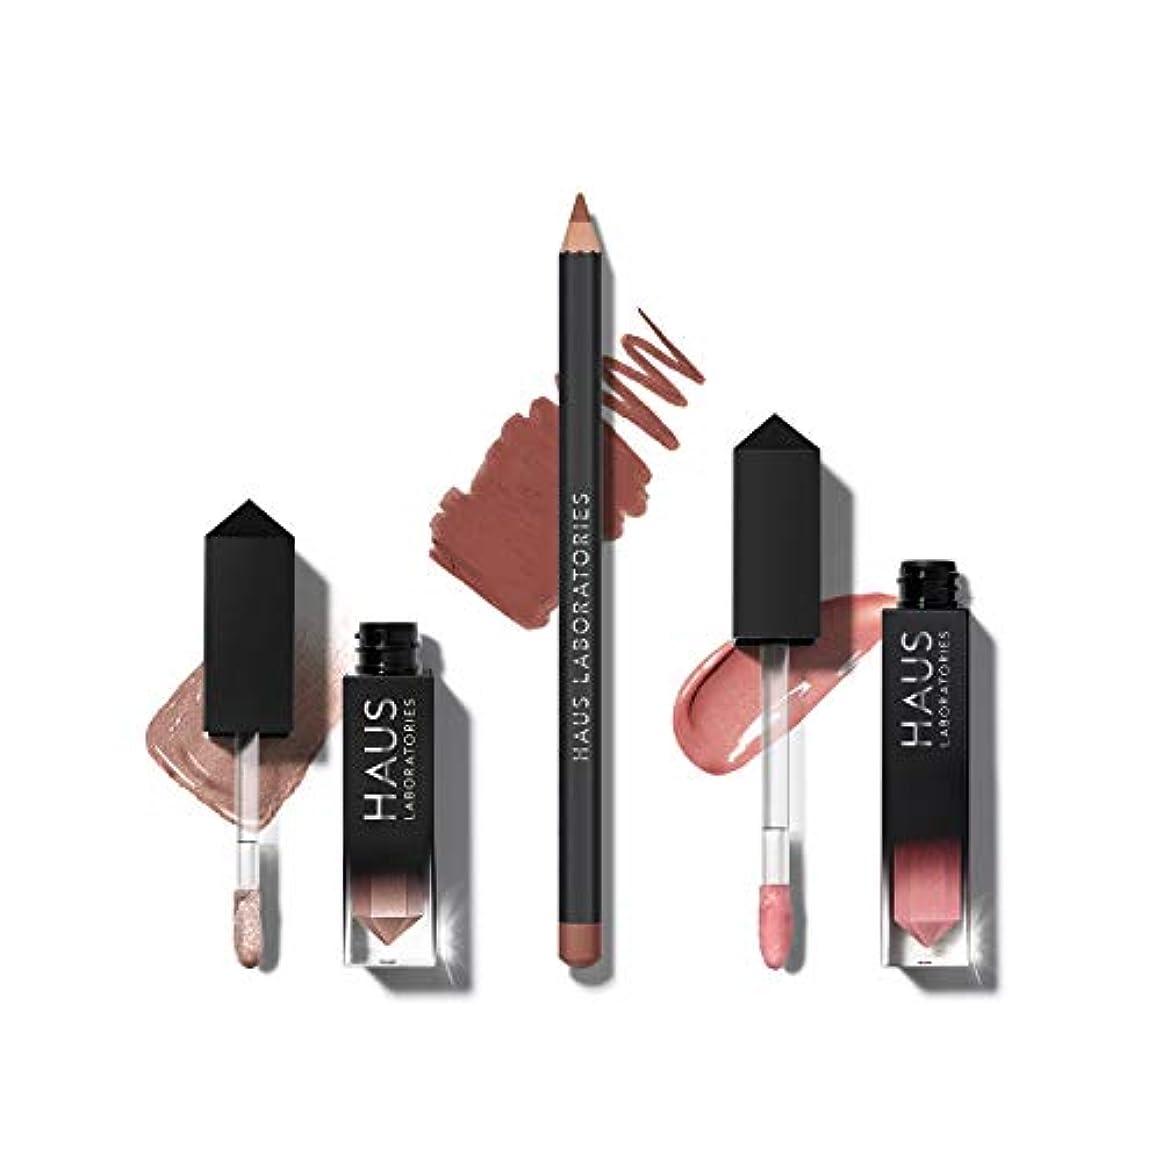 スリルそれにもかかわらず先見の明【プライムデー記念発売】HAUS LABORATORIES HAUS of Collections 3点セット All-Over Color, Lip Gloss, Lip Liner (HAUS of Goddess)